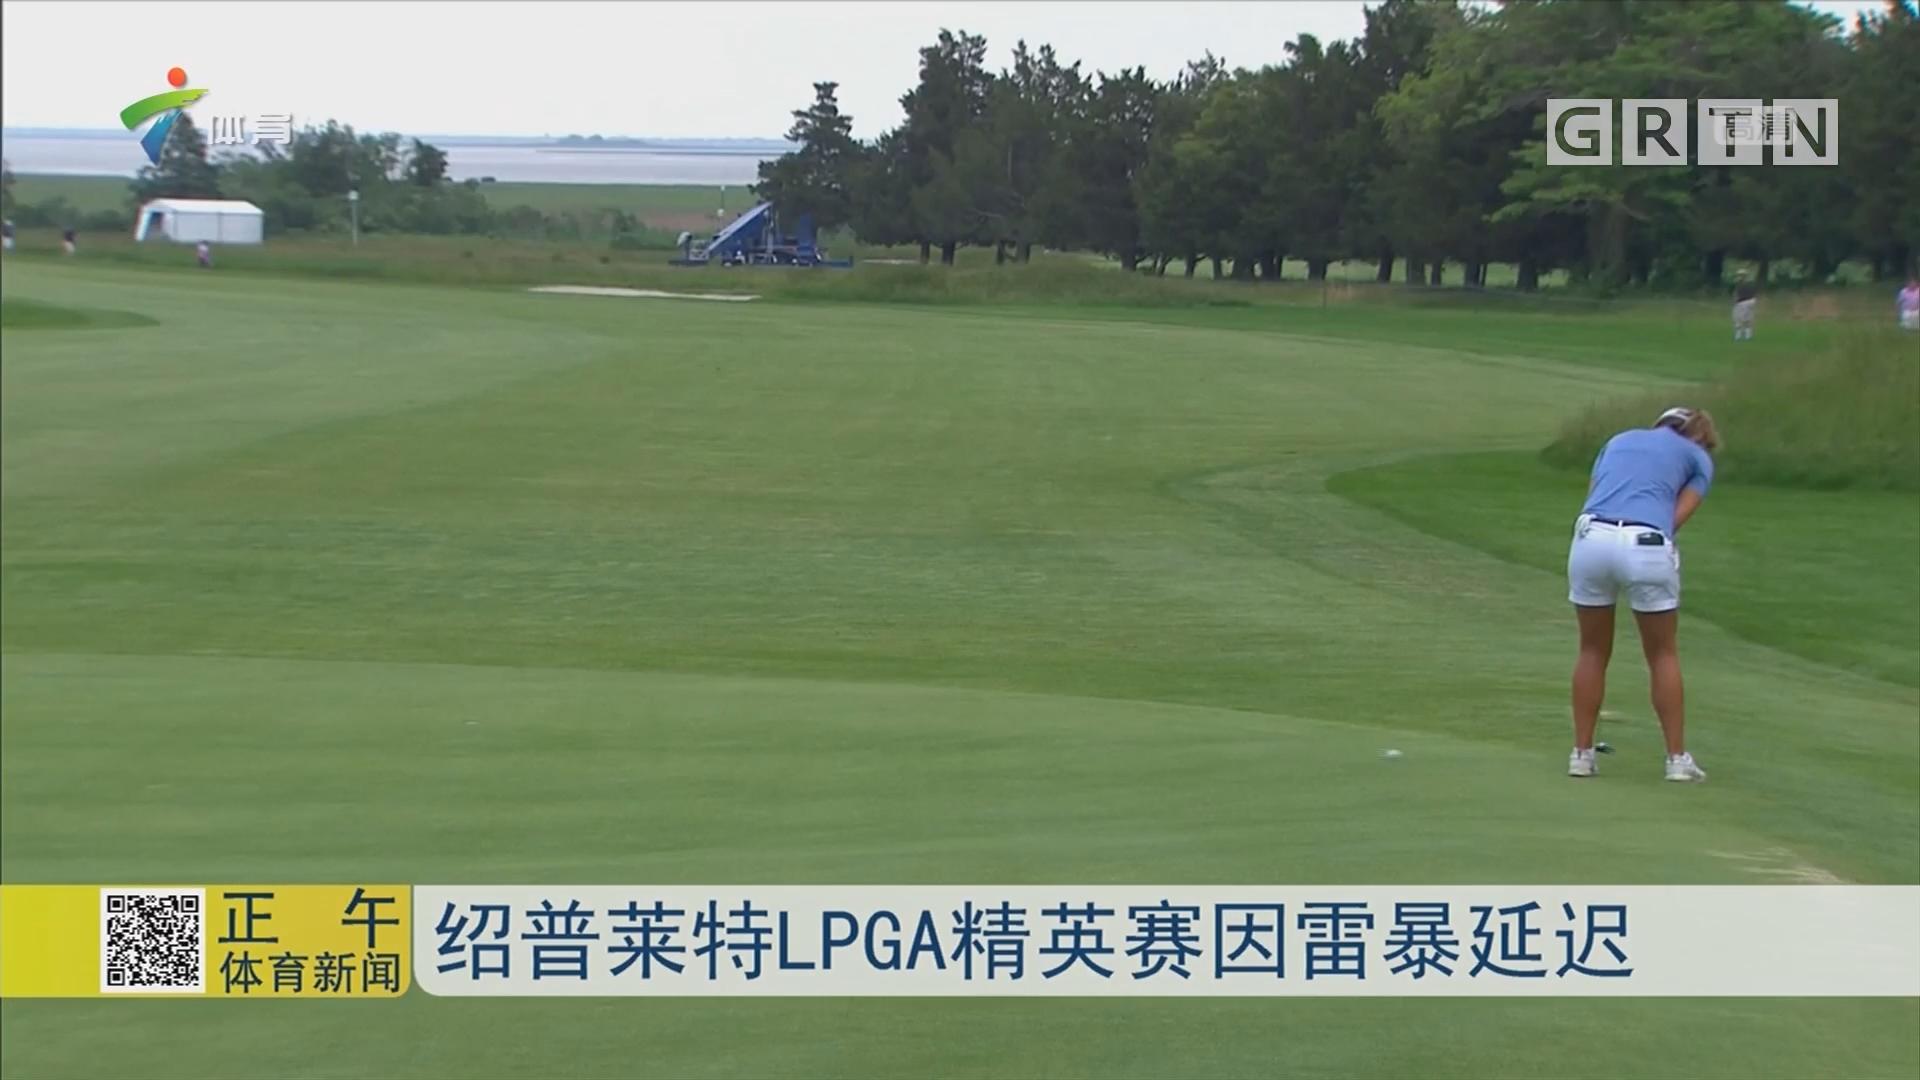 绍普莱特LPGA精英赛因雷暴延迟